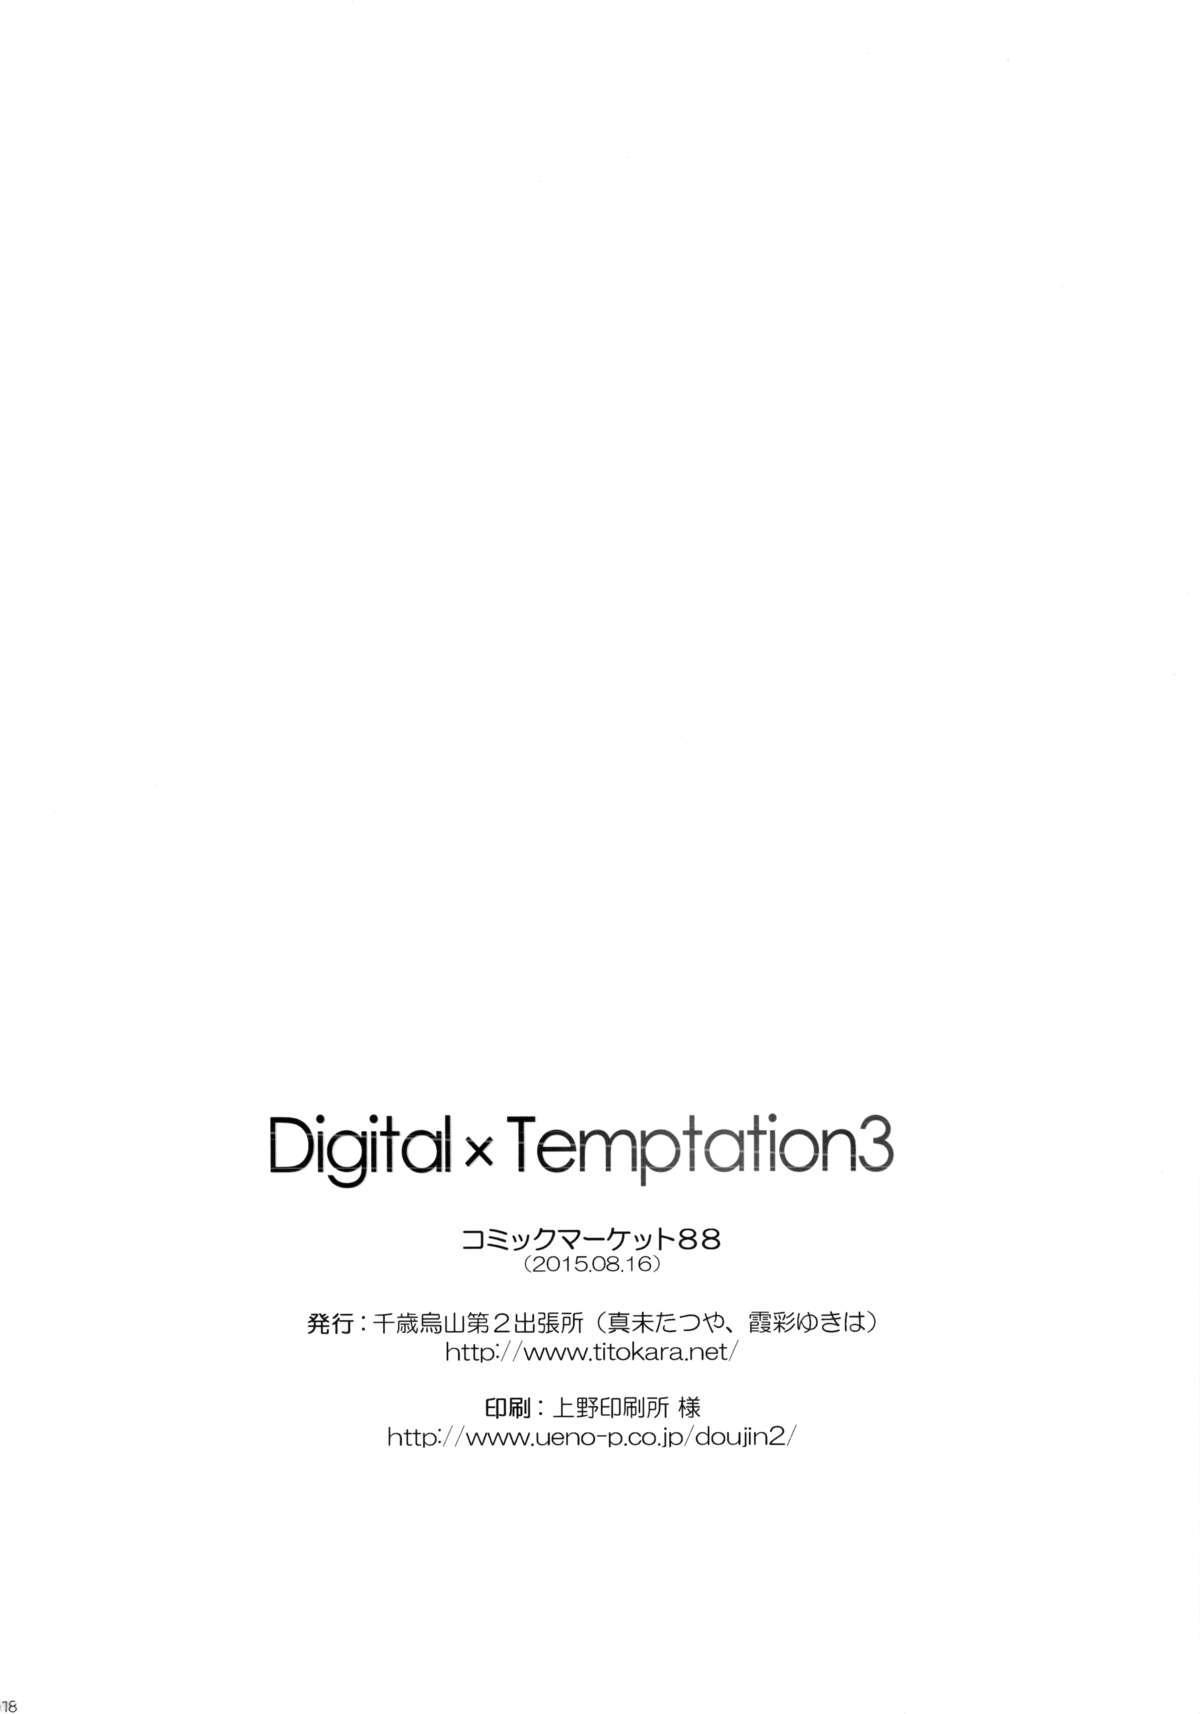 Digital x Temptation 3 16